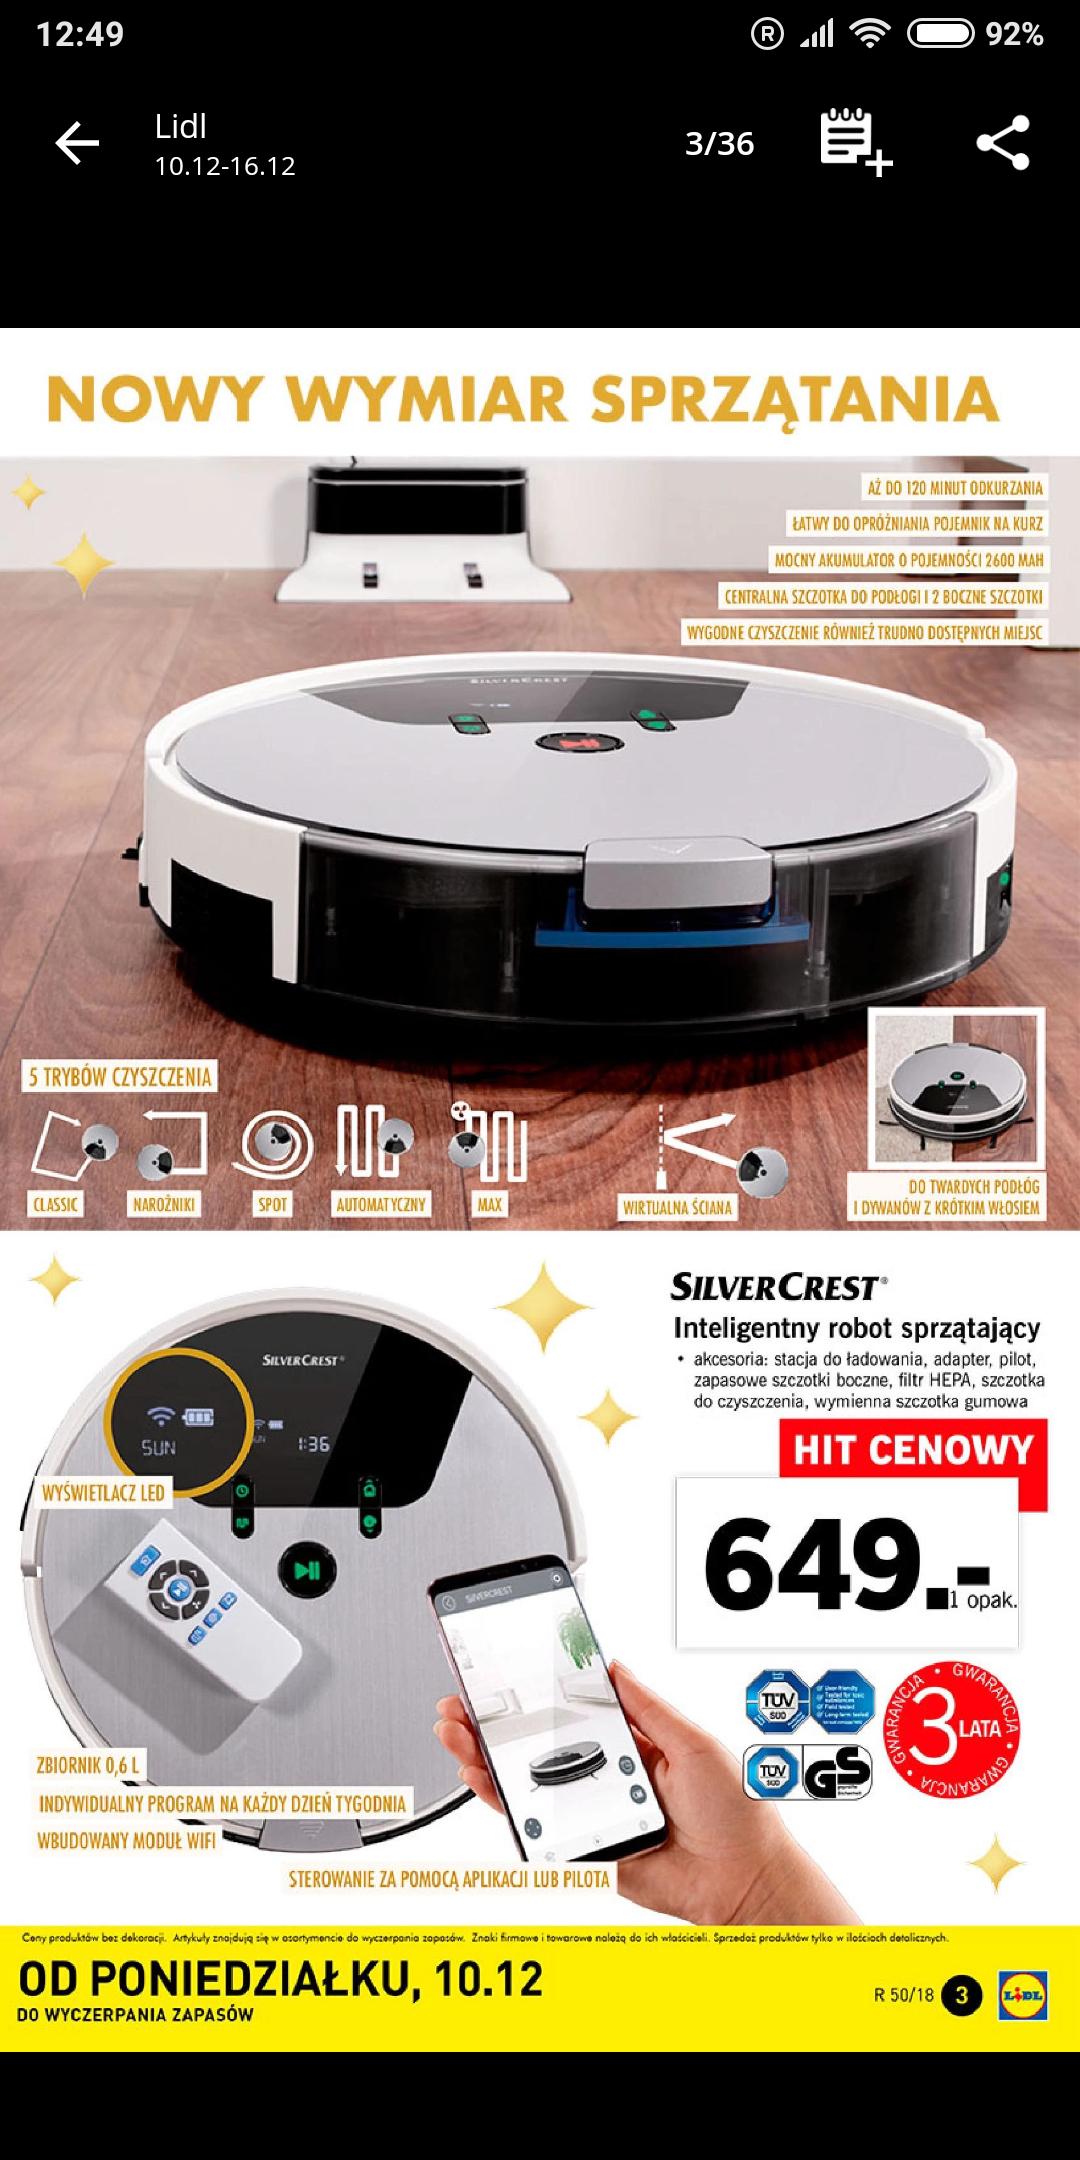 Inteligentny Robot Sprzątający Wi Fi Silvercrest At Lidl Pepperpl